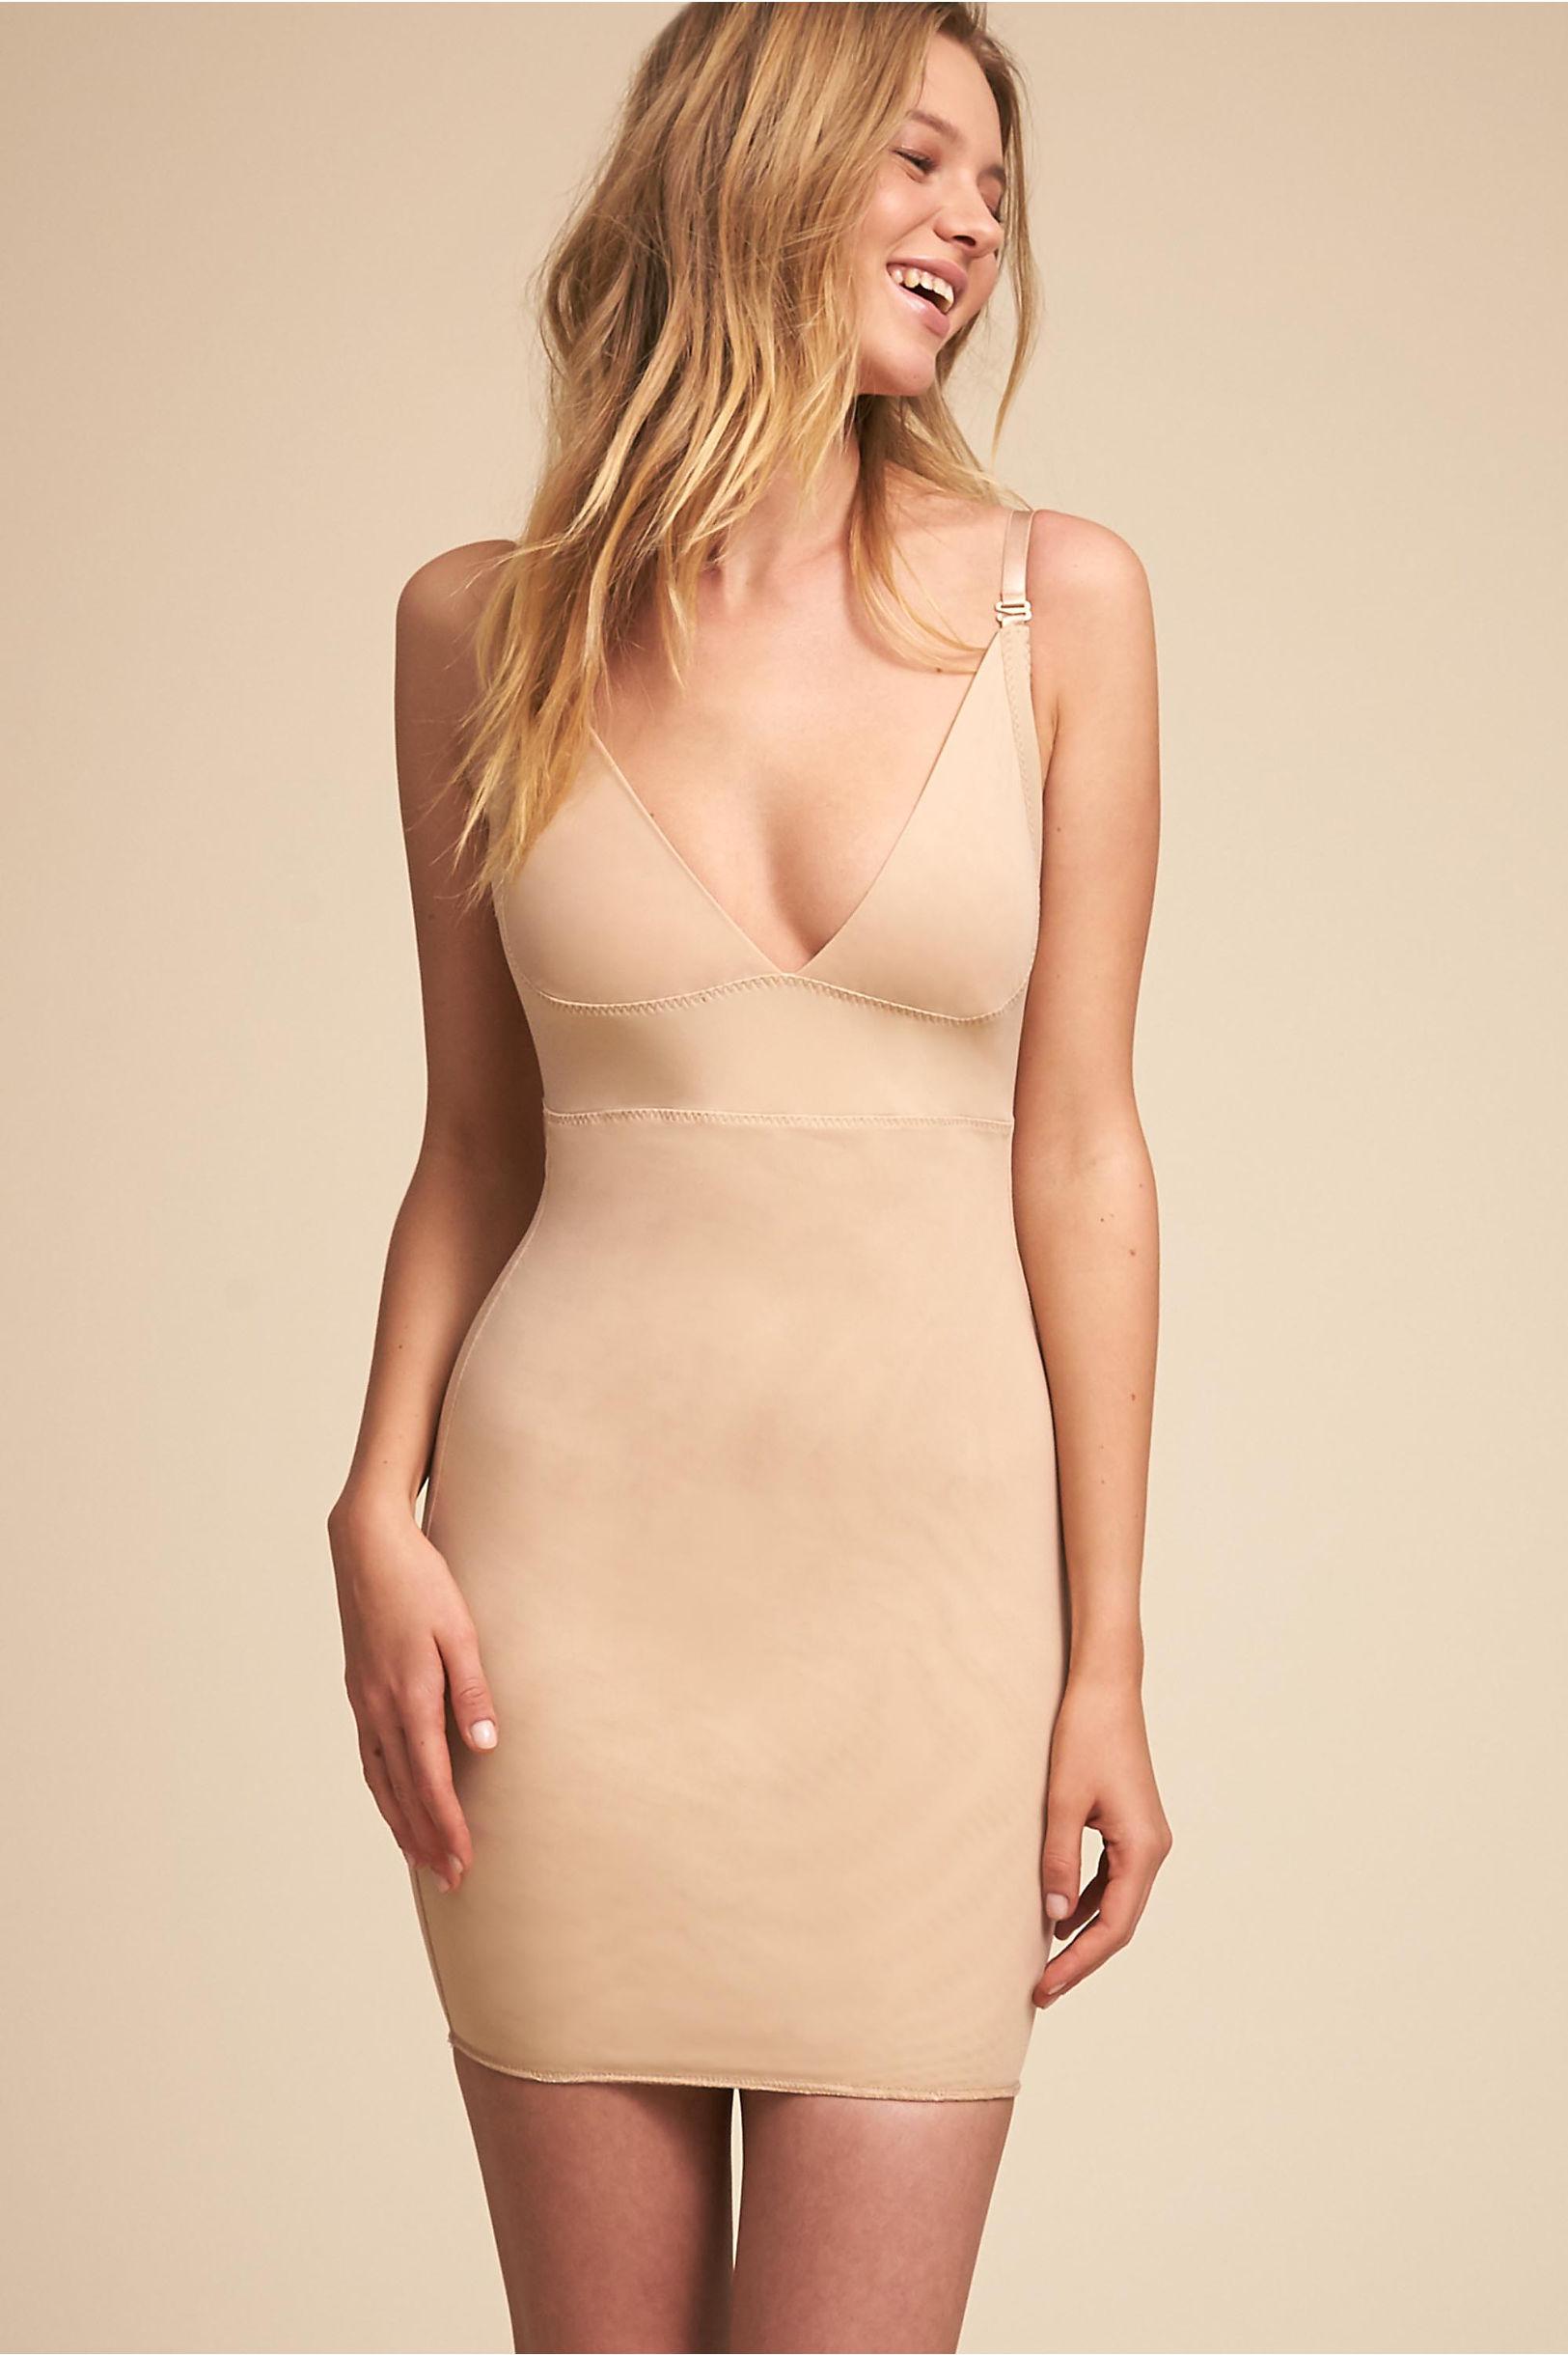 7958c5e7283 Wedding Dress Shapewear Low Back - raveitsafe